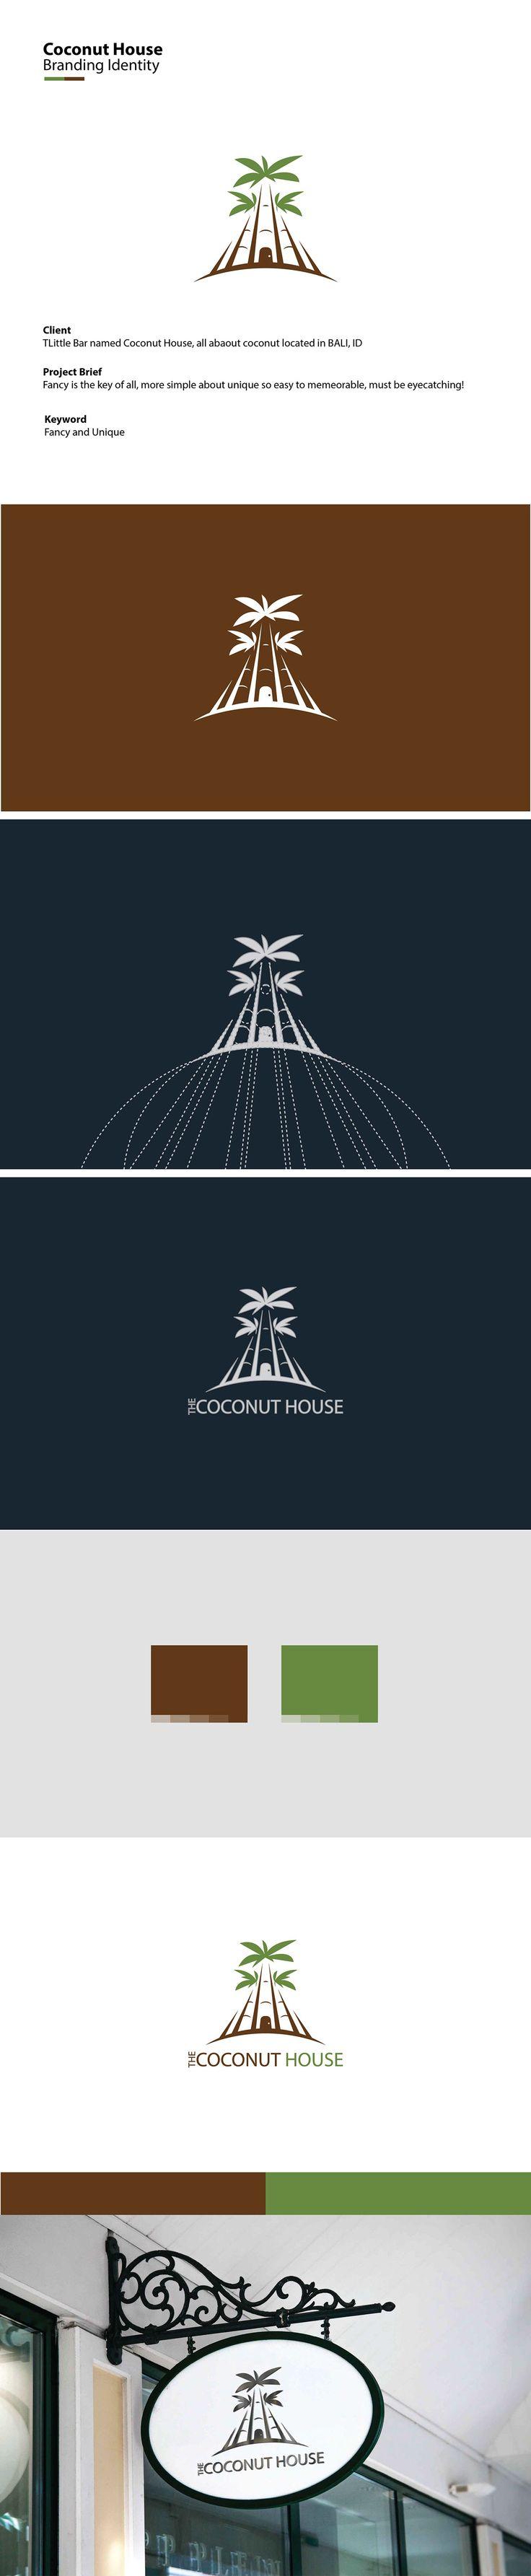 https://www.behance.net/gallery/26350411/The-Coconut-House-Brand-Identity